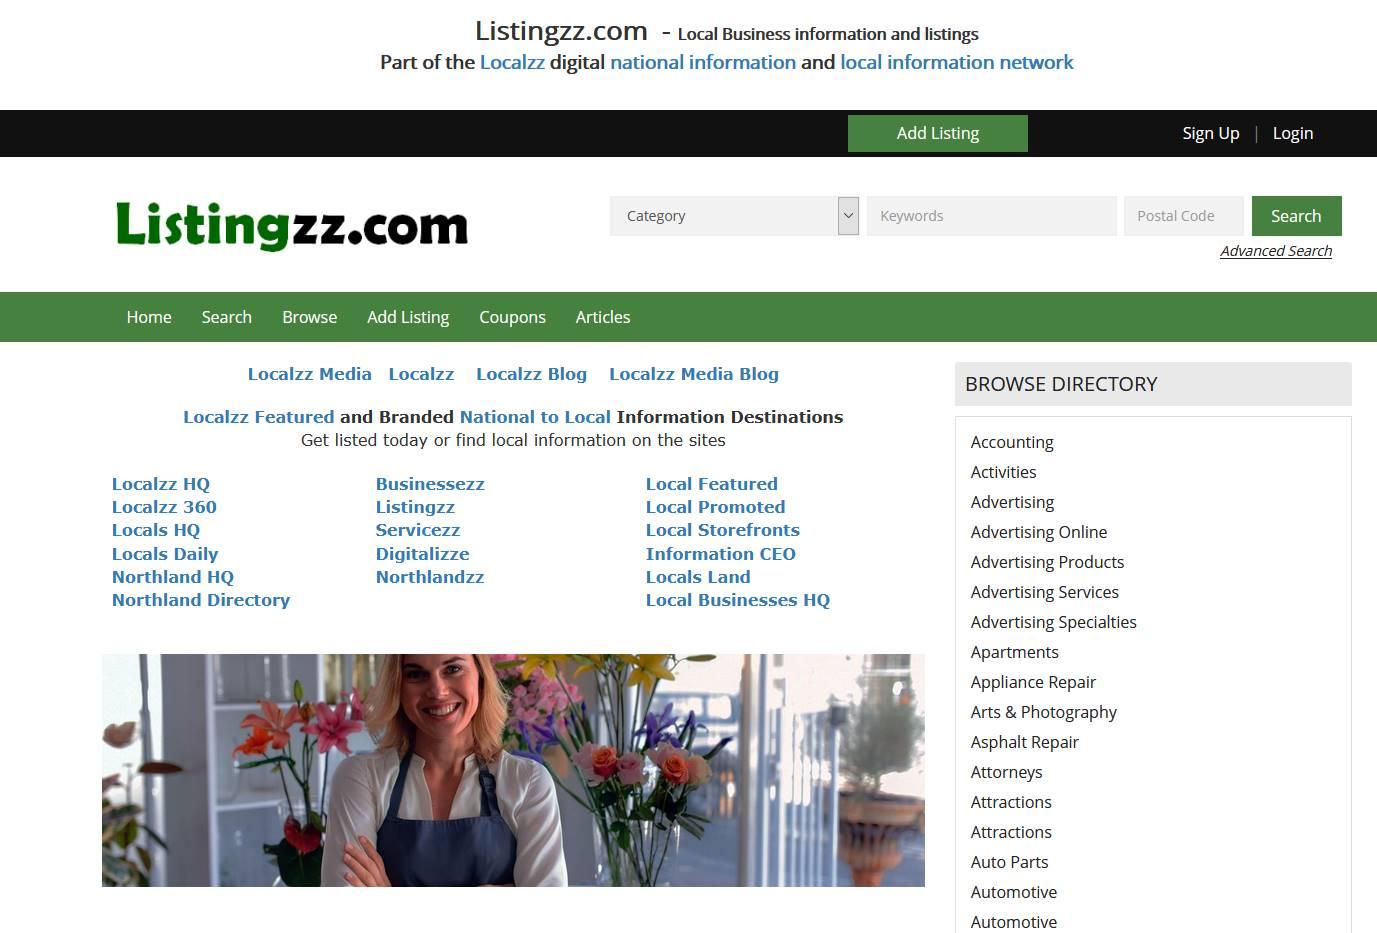 Listingzz.com